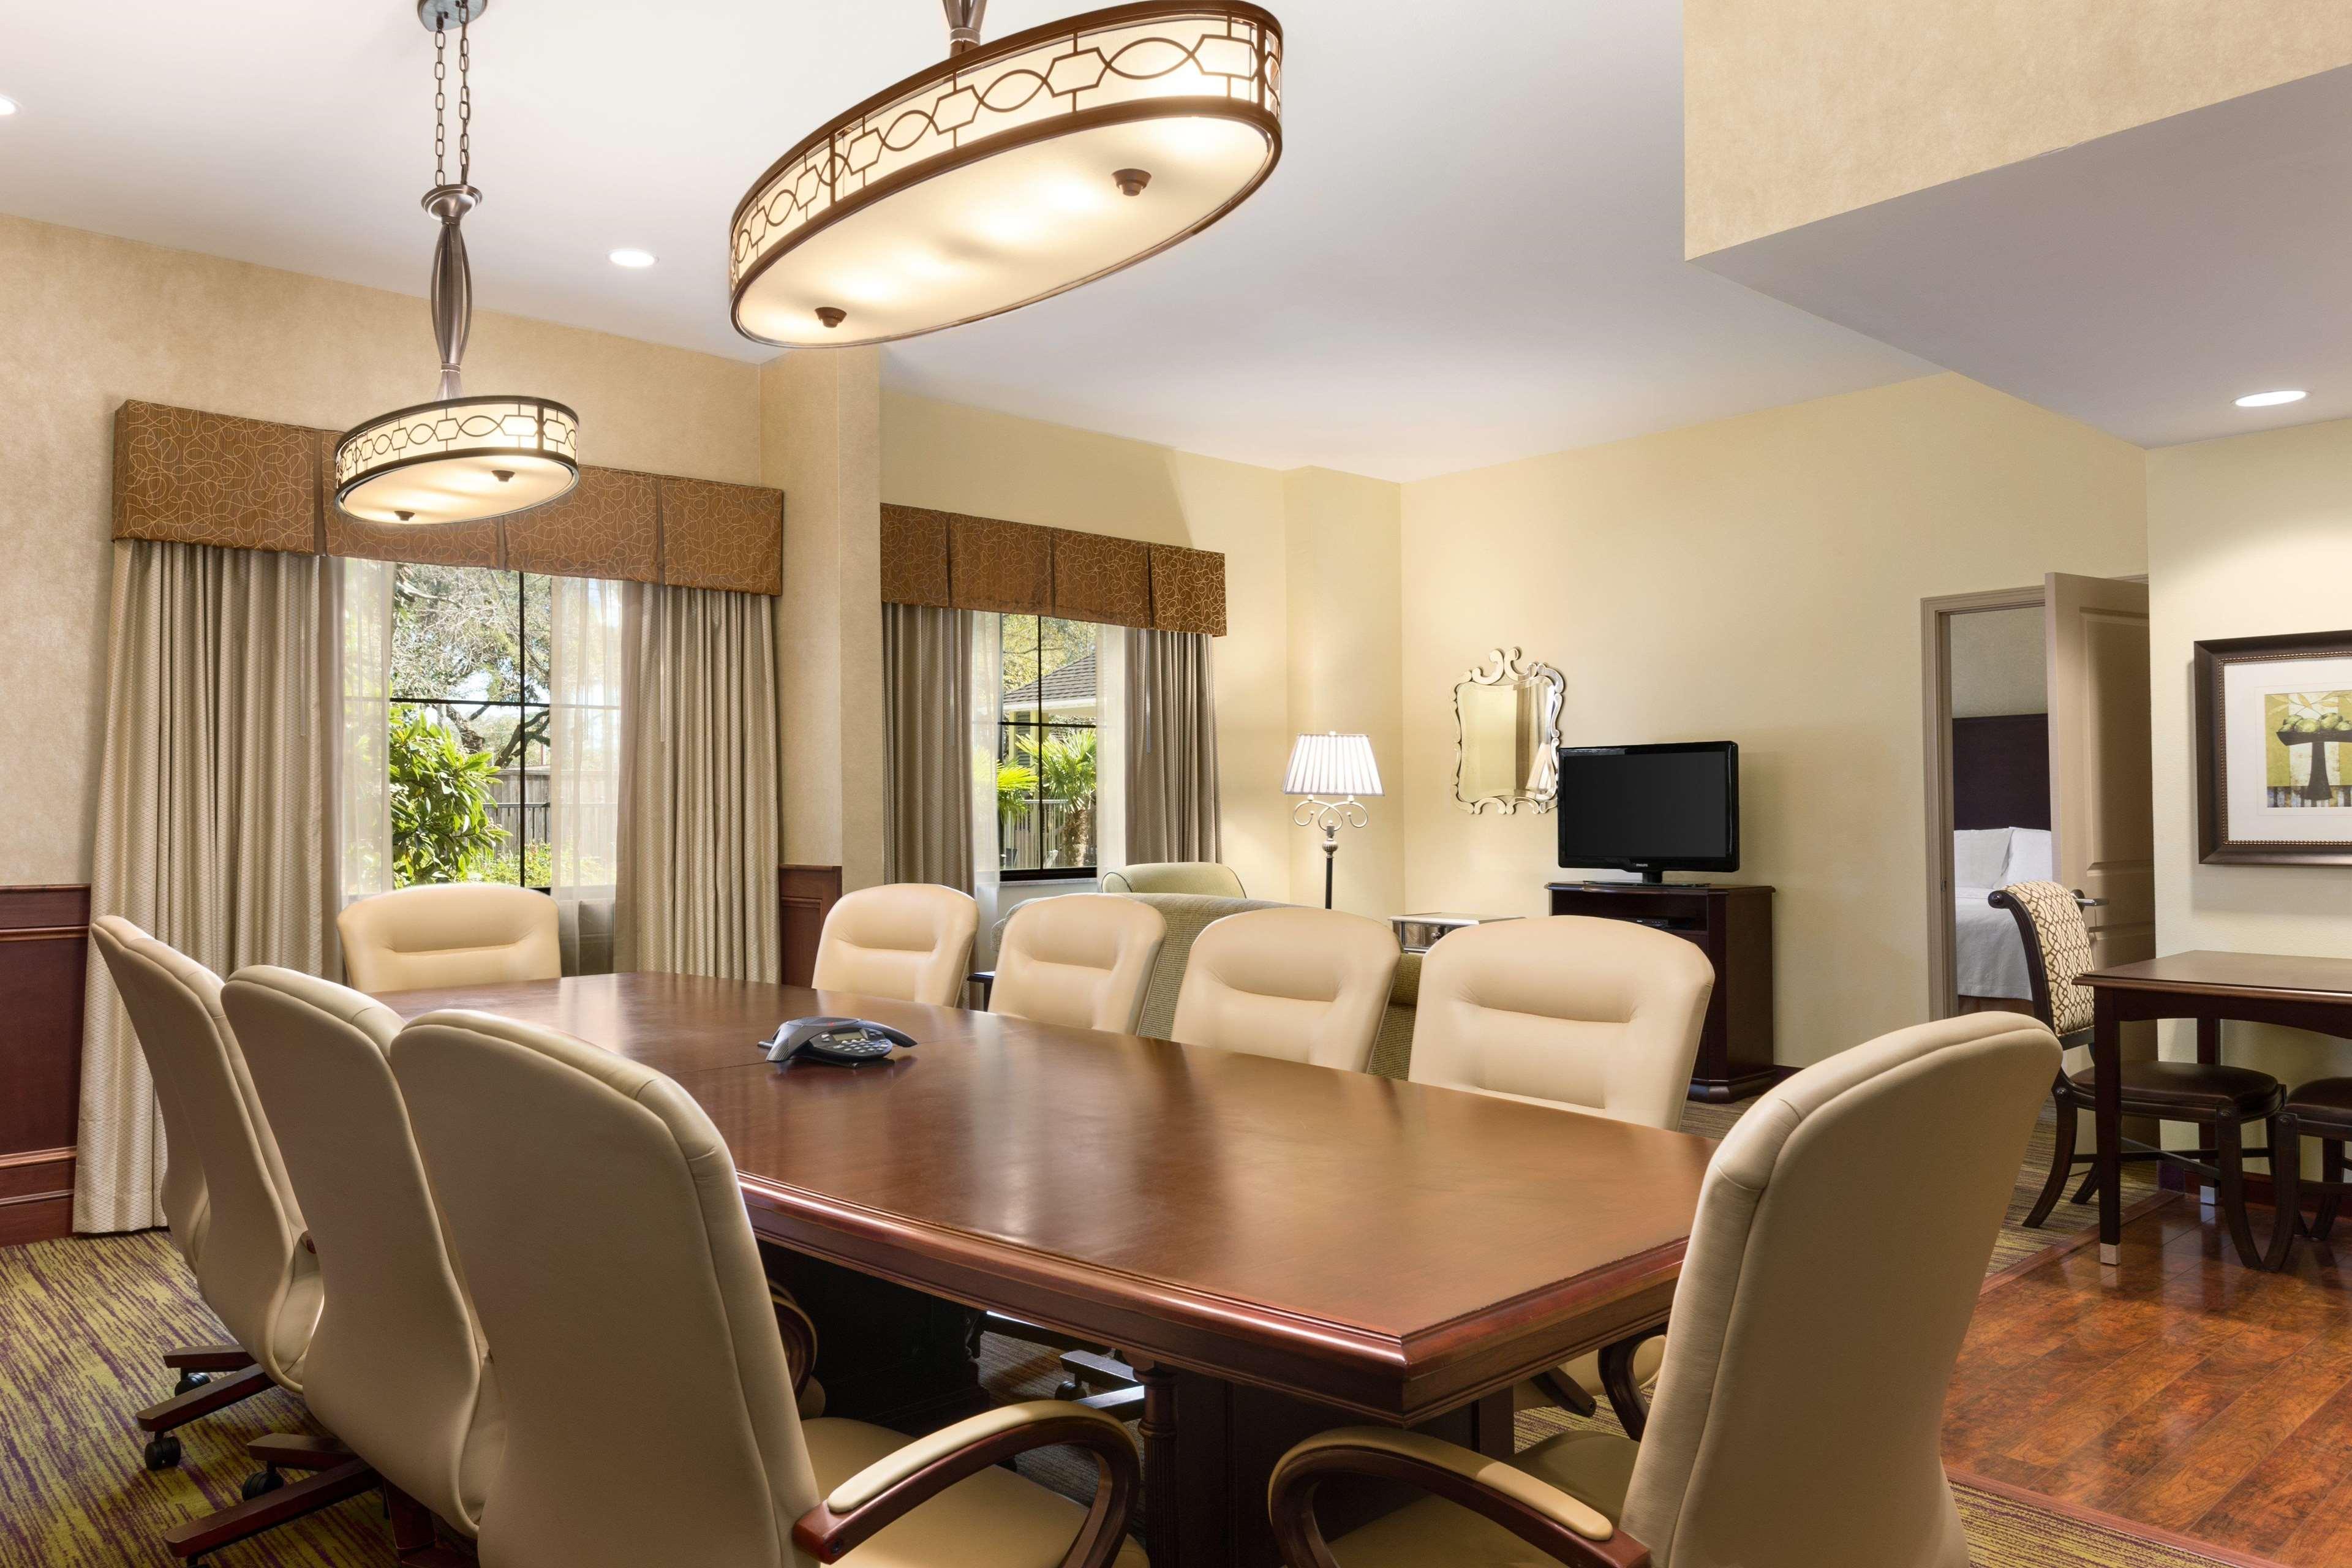 Homewood Suites by Hilton Lafayette-Airport, LA image 13